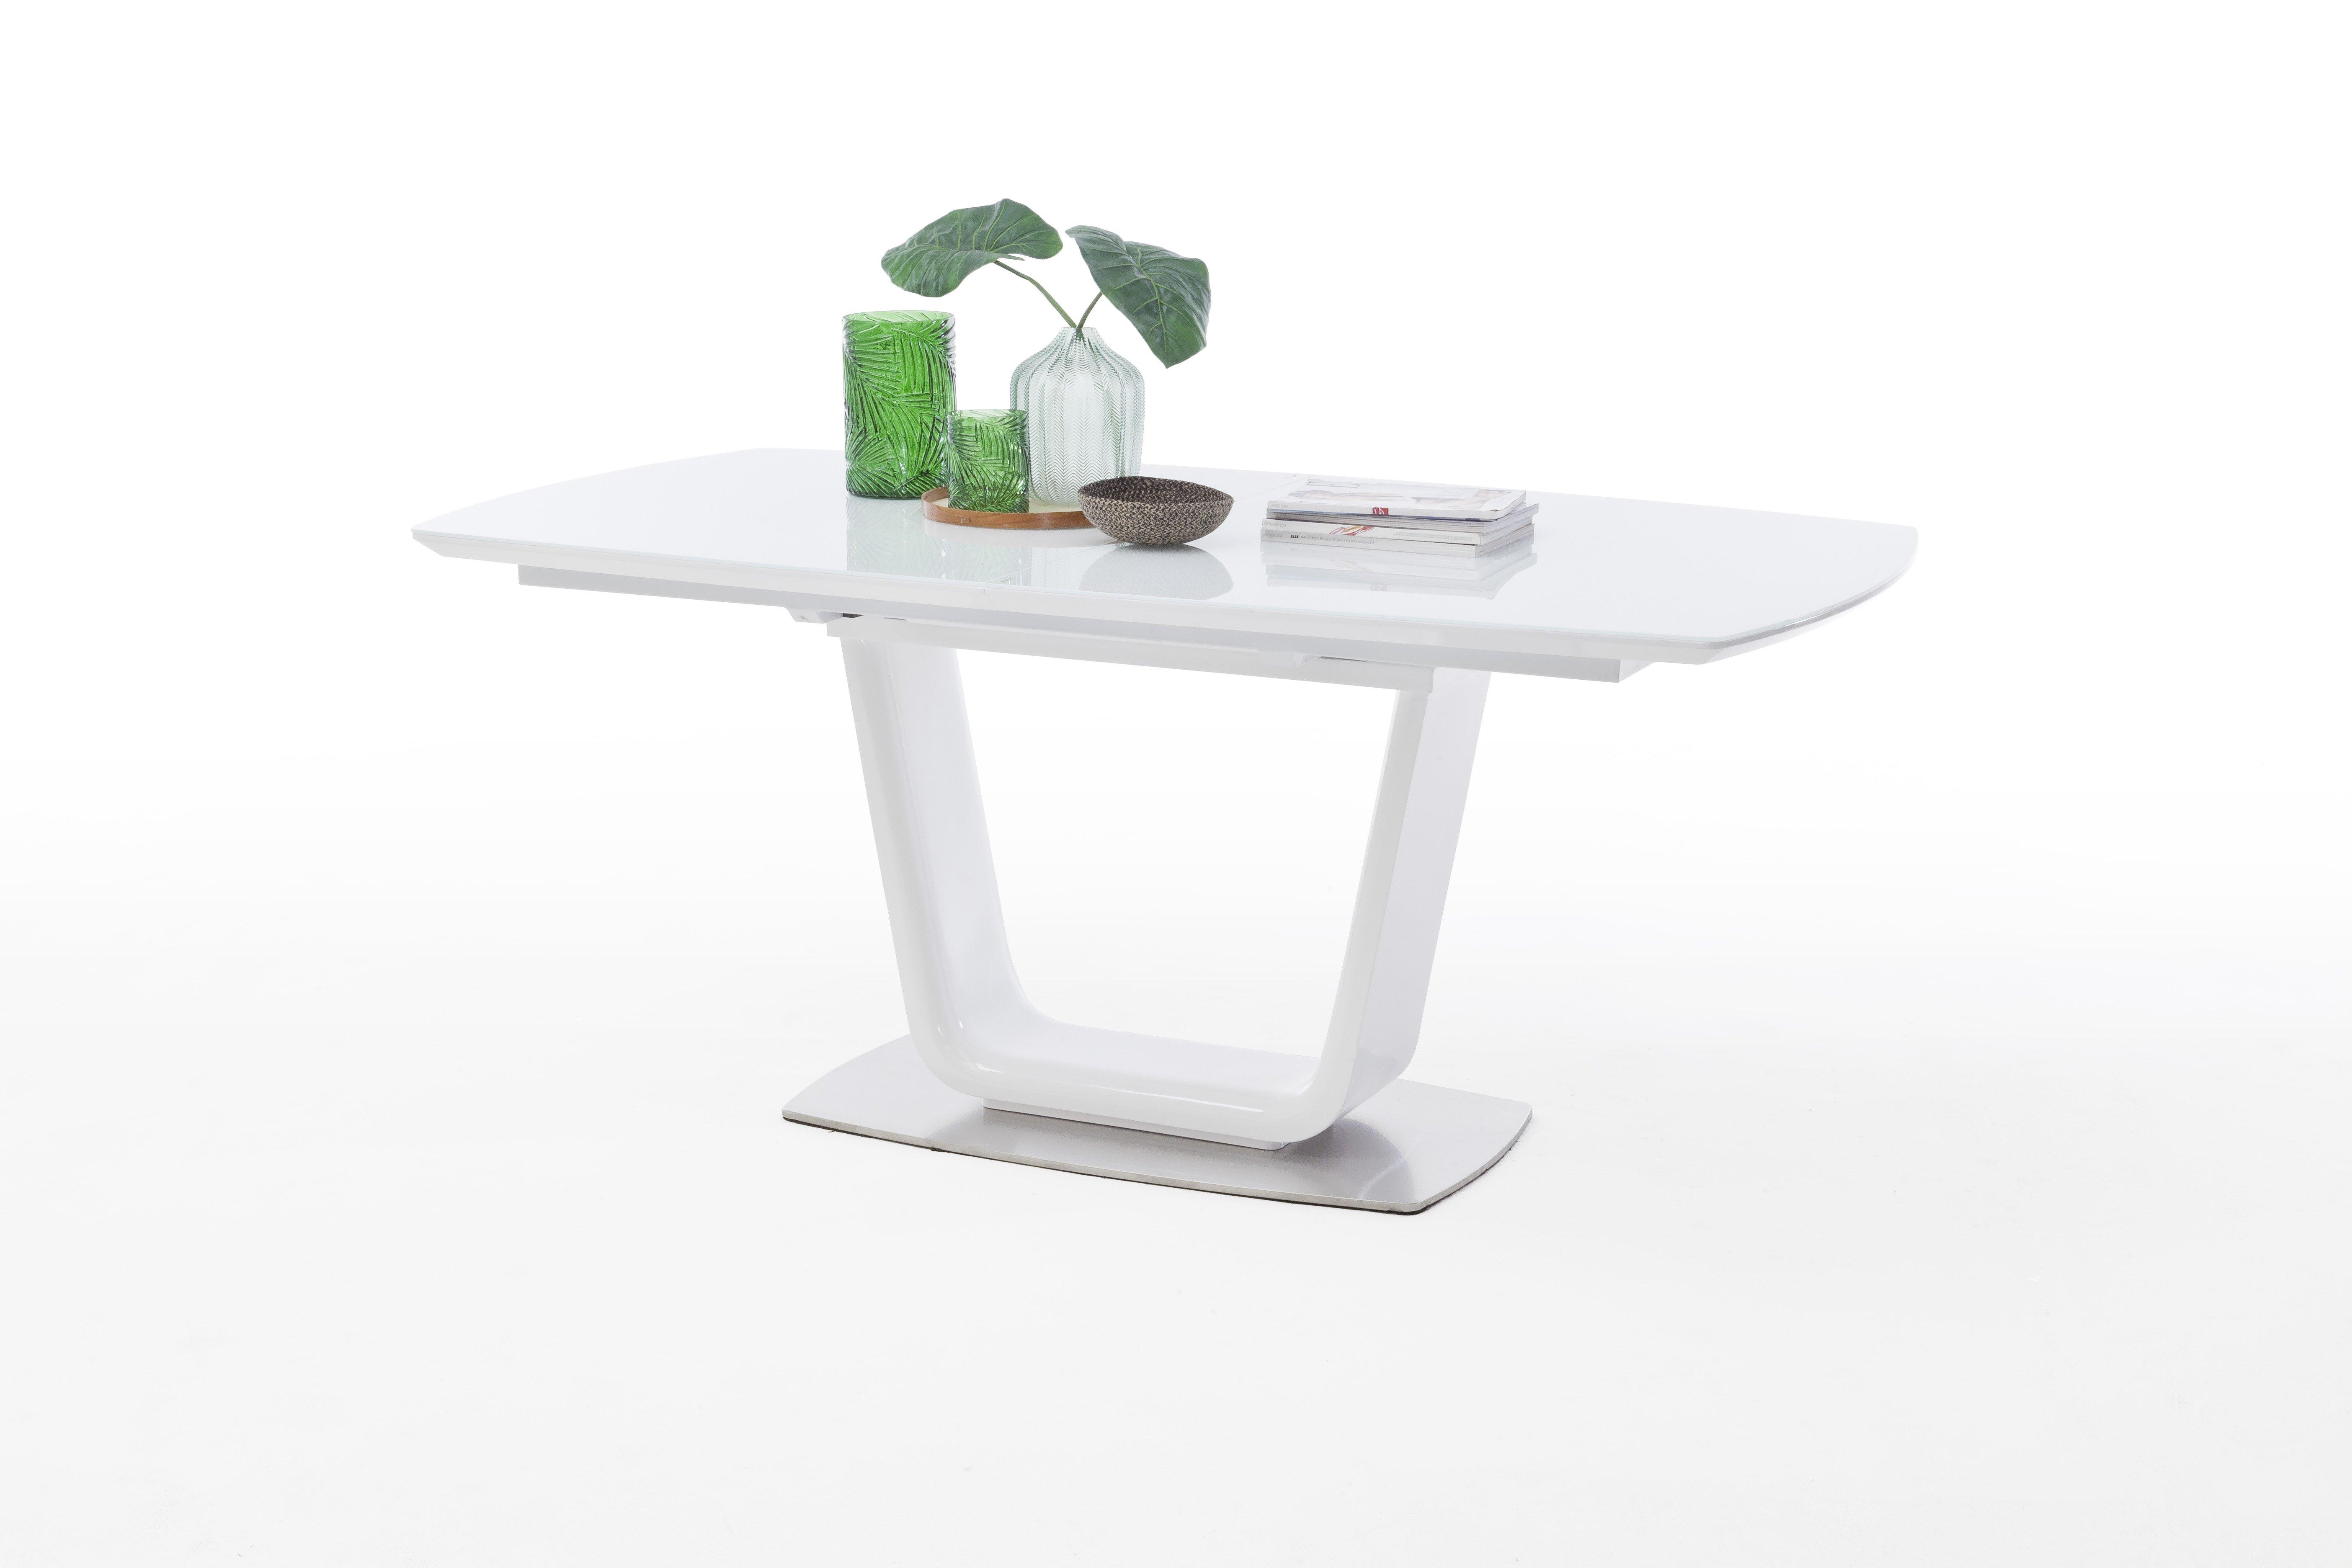 Tisch mit Säule, weiß